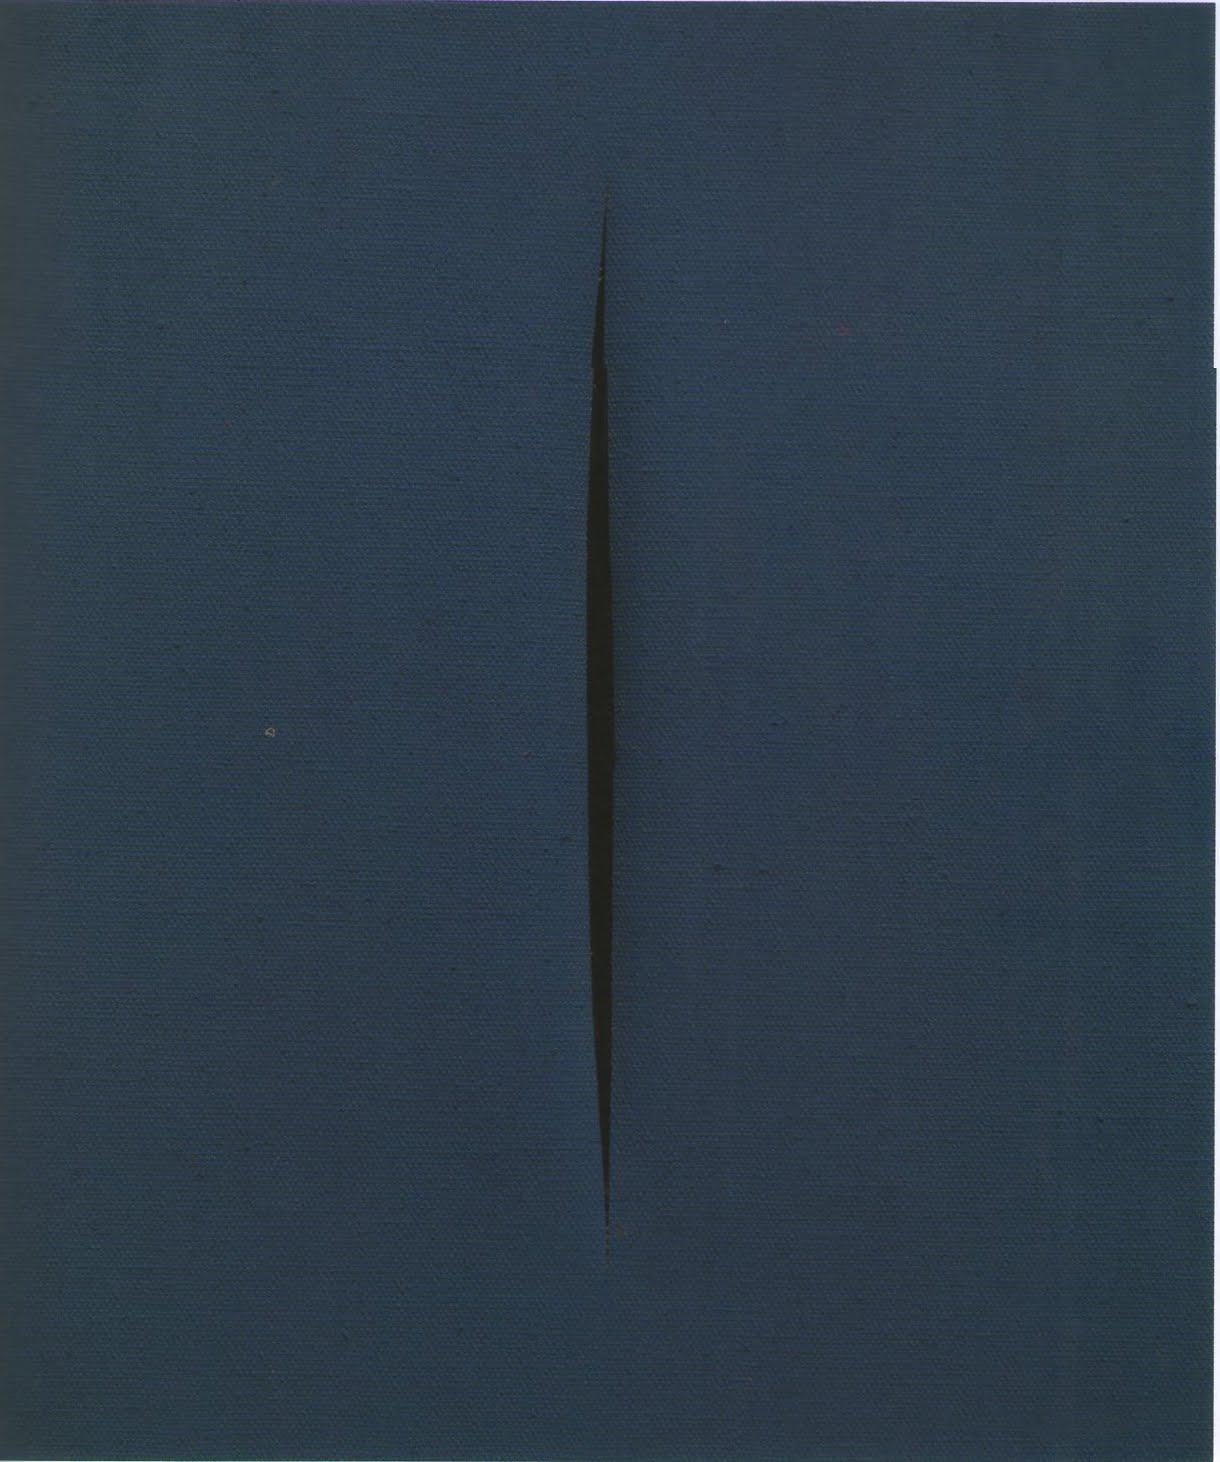 Fontana, Concetto Spaziale, Attesa, 1966